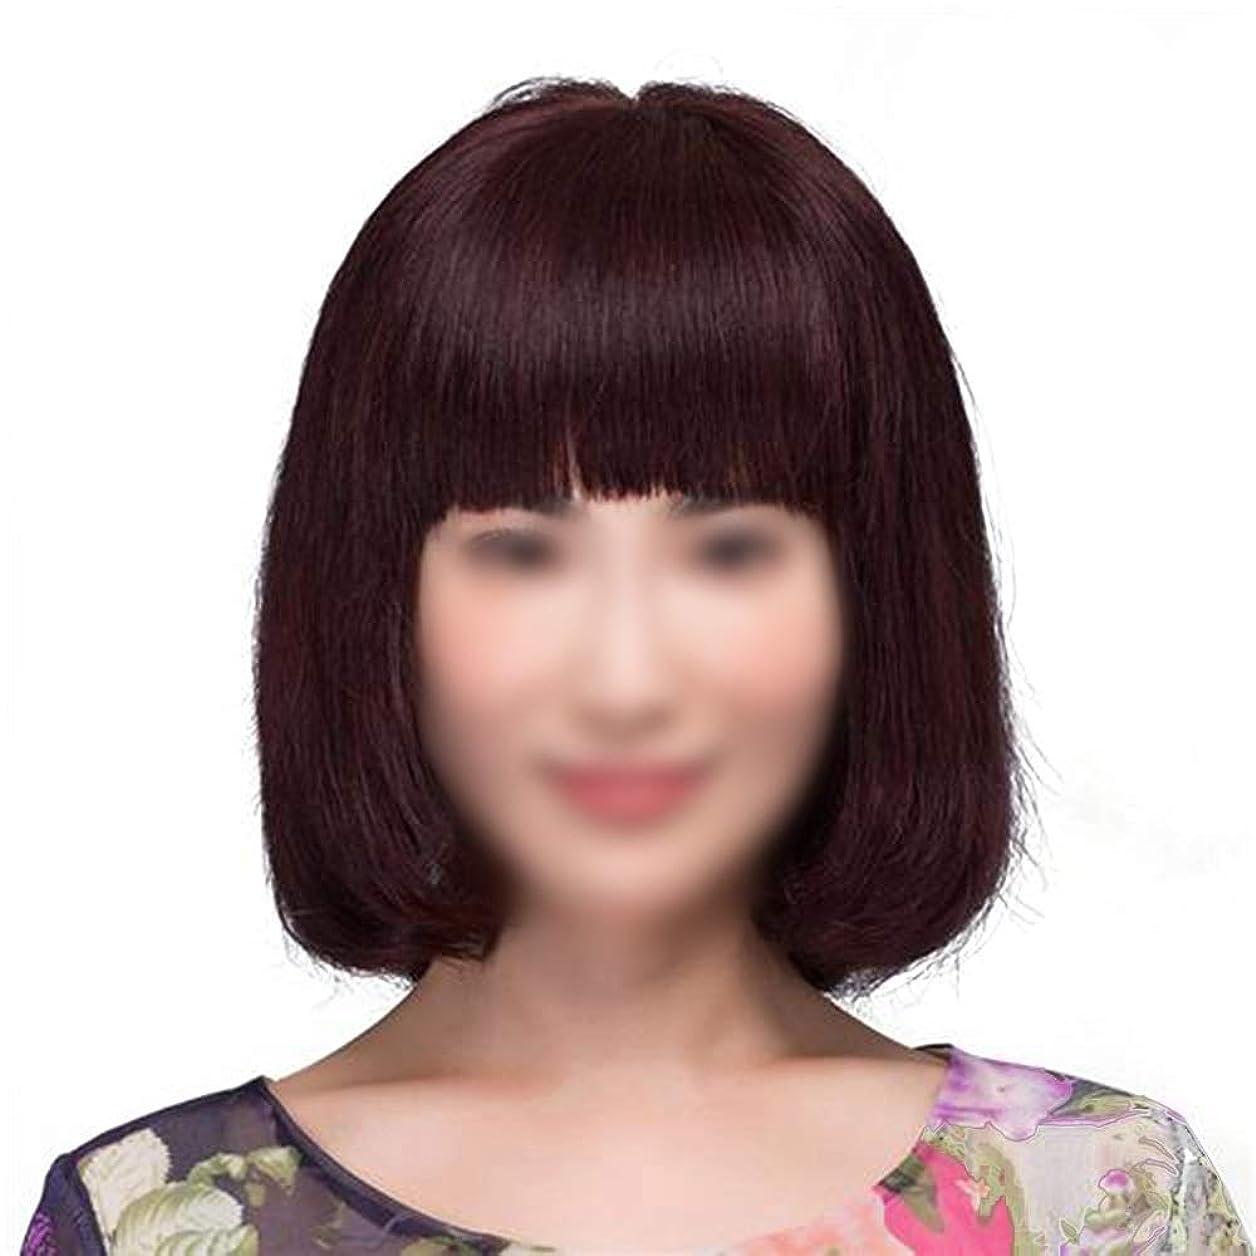 リボン地震セクタYrattary 女性のショートストレートヘアボブウィッグリアルヘアふわふわナチュラル鎖骨髪型のドレスロールプレイングかつらキャップ (色 : Dark brown)